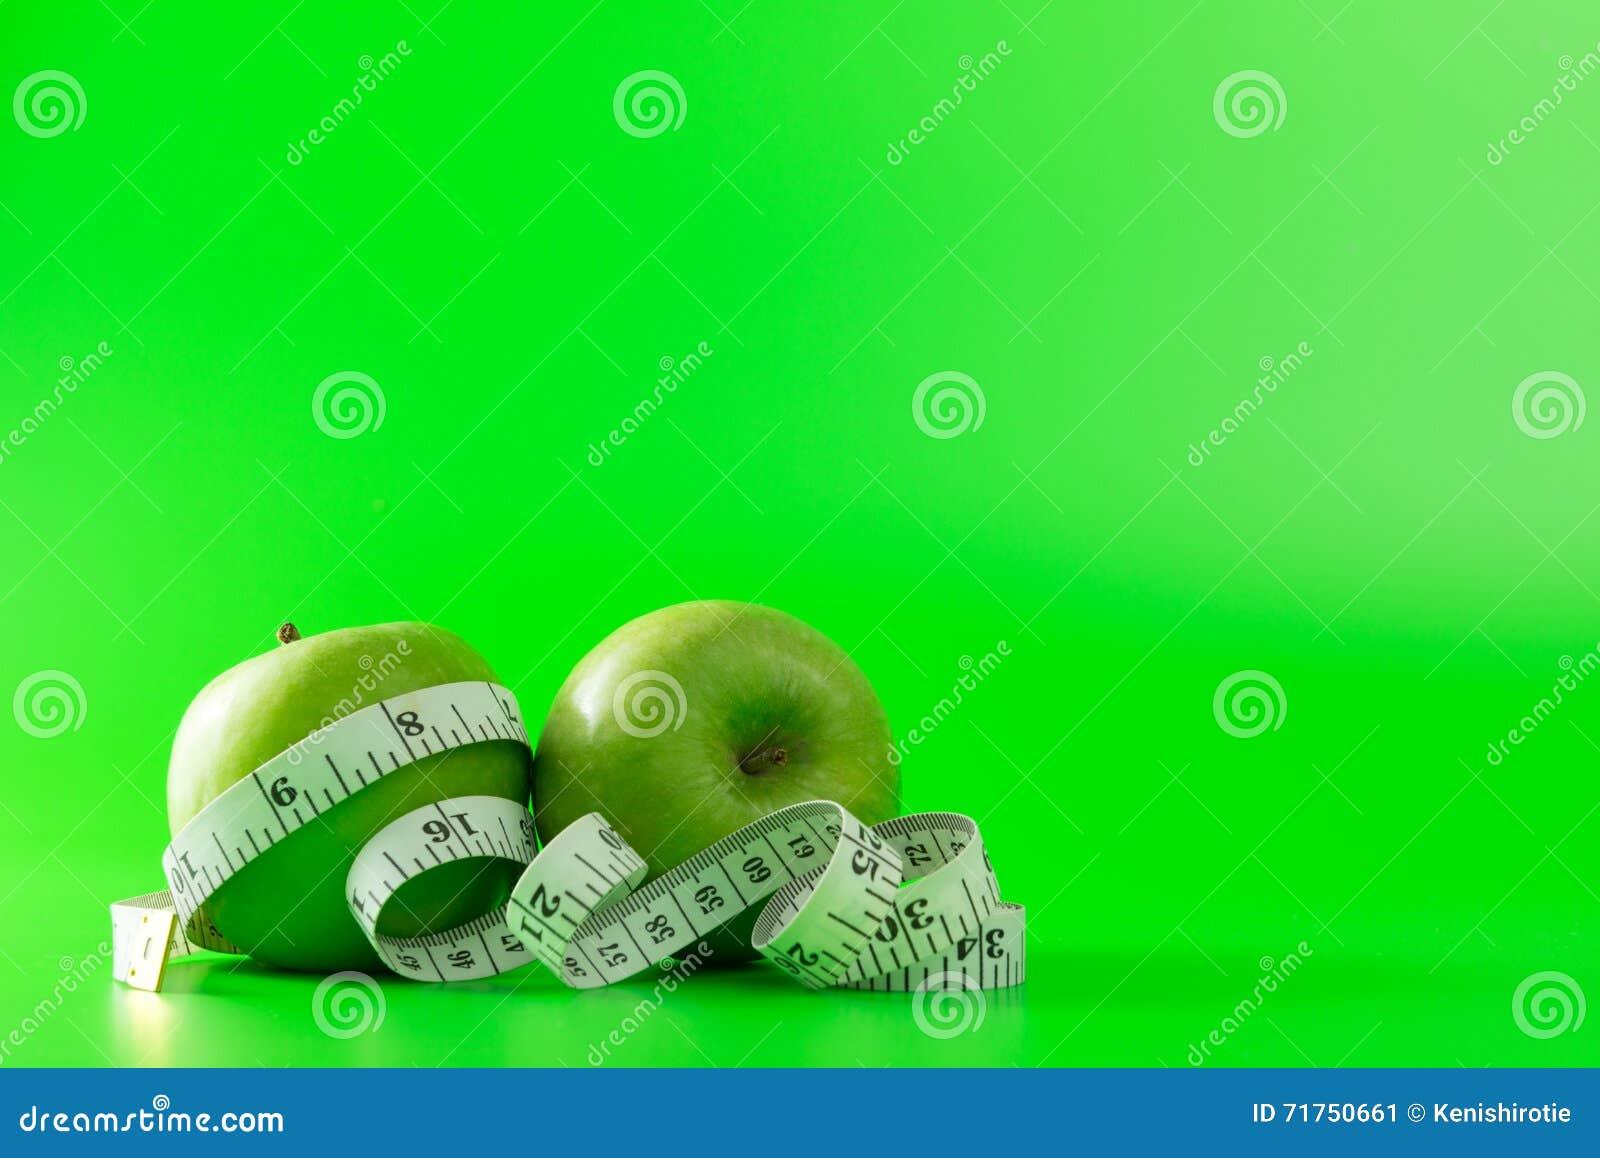 Πράσινο μήλο με ένα μέτρο ταινιών